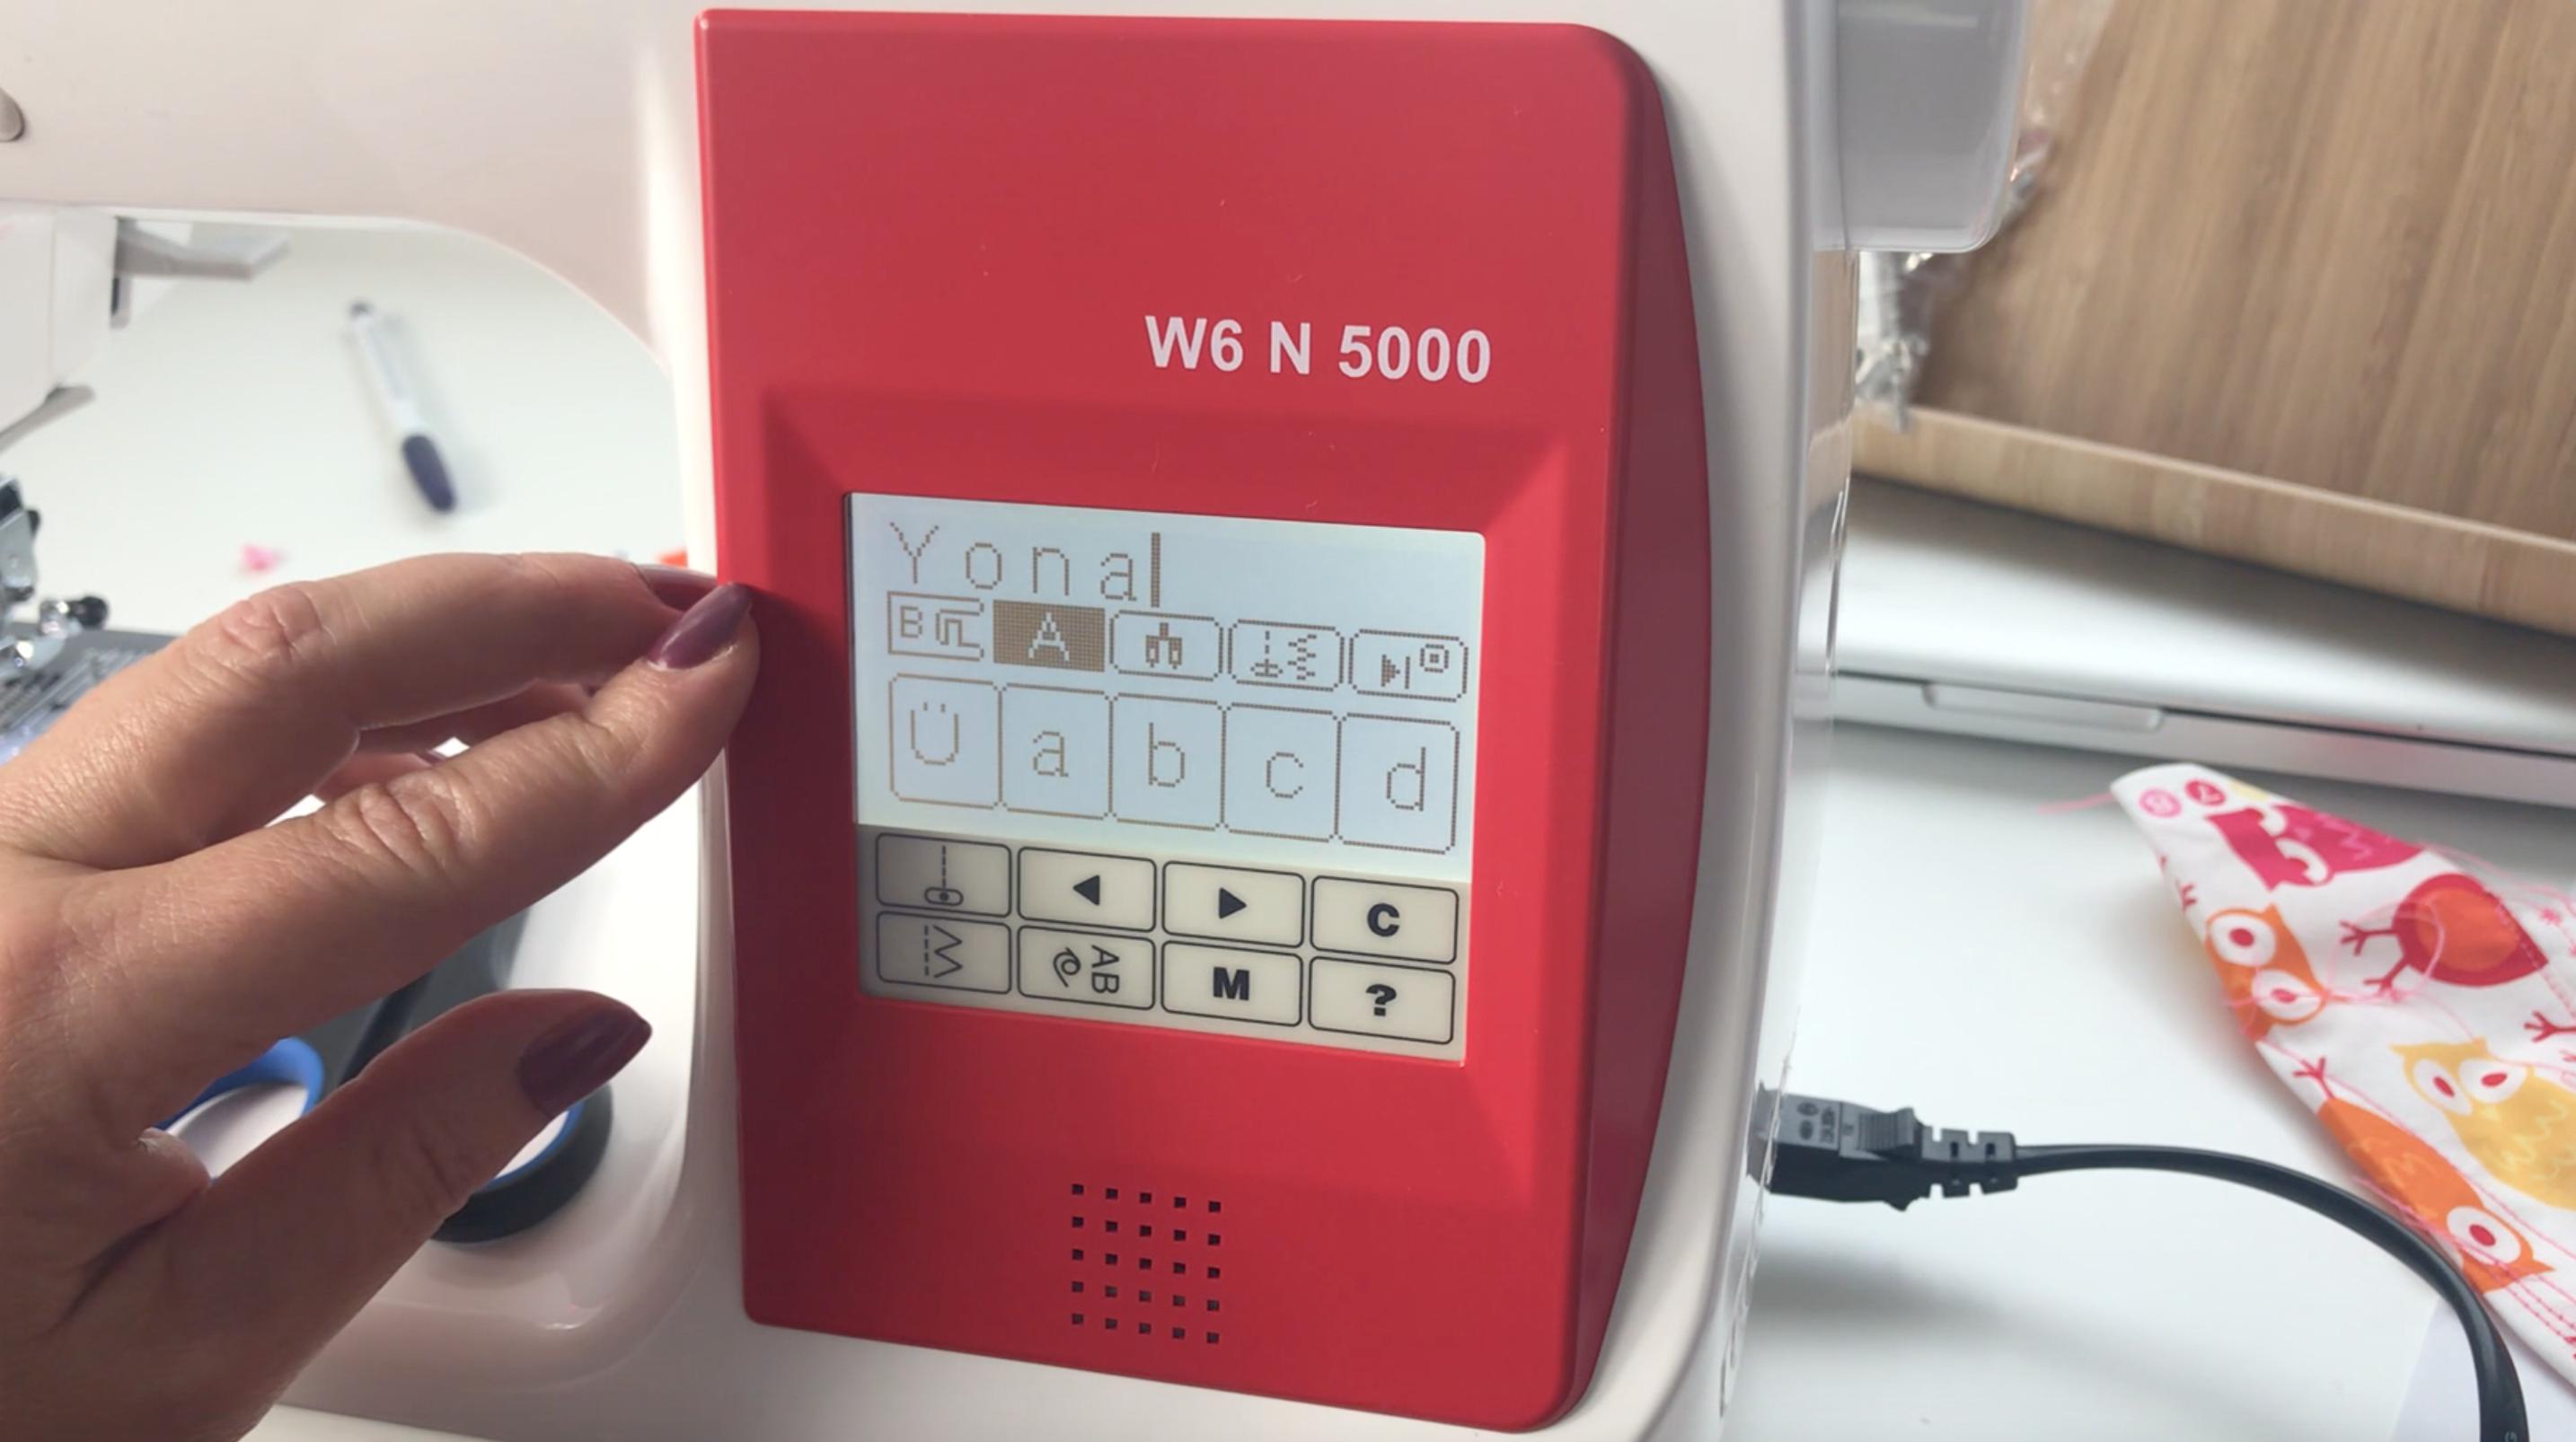 Stichprogramme einstellen W6 n 5000